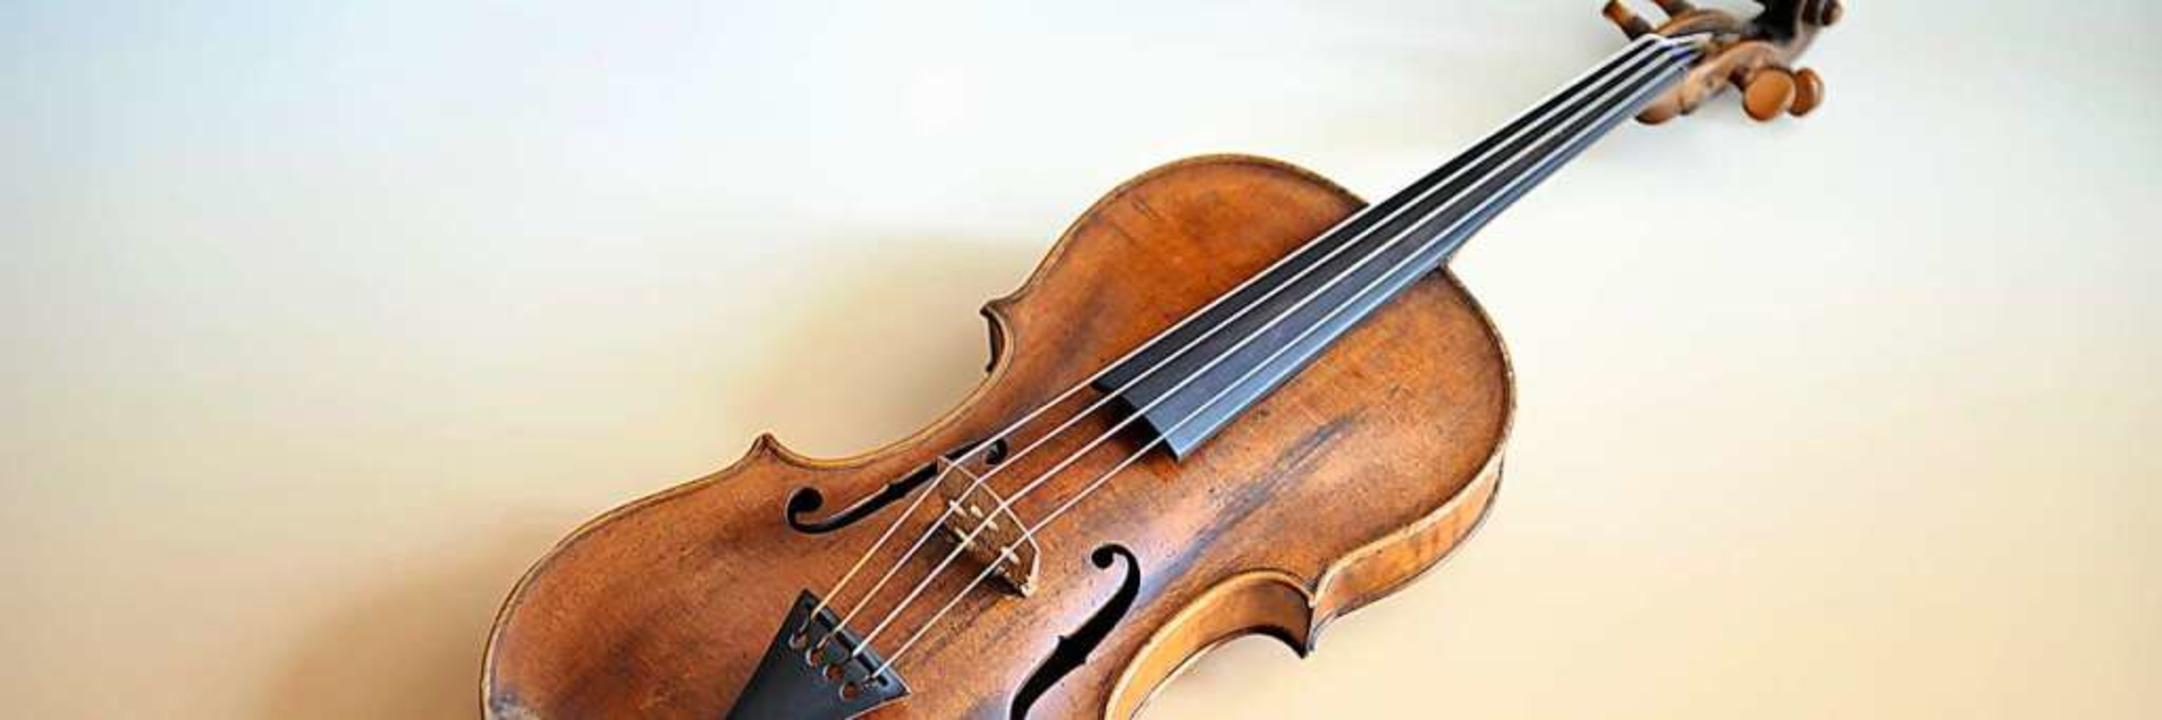 Viola von 1771 aus der Instrumentensammlung  | Foto: Gerfried Sitar